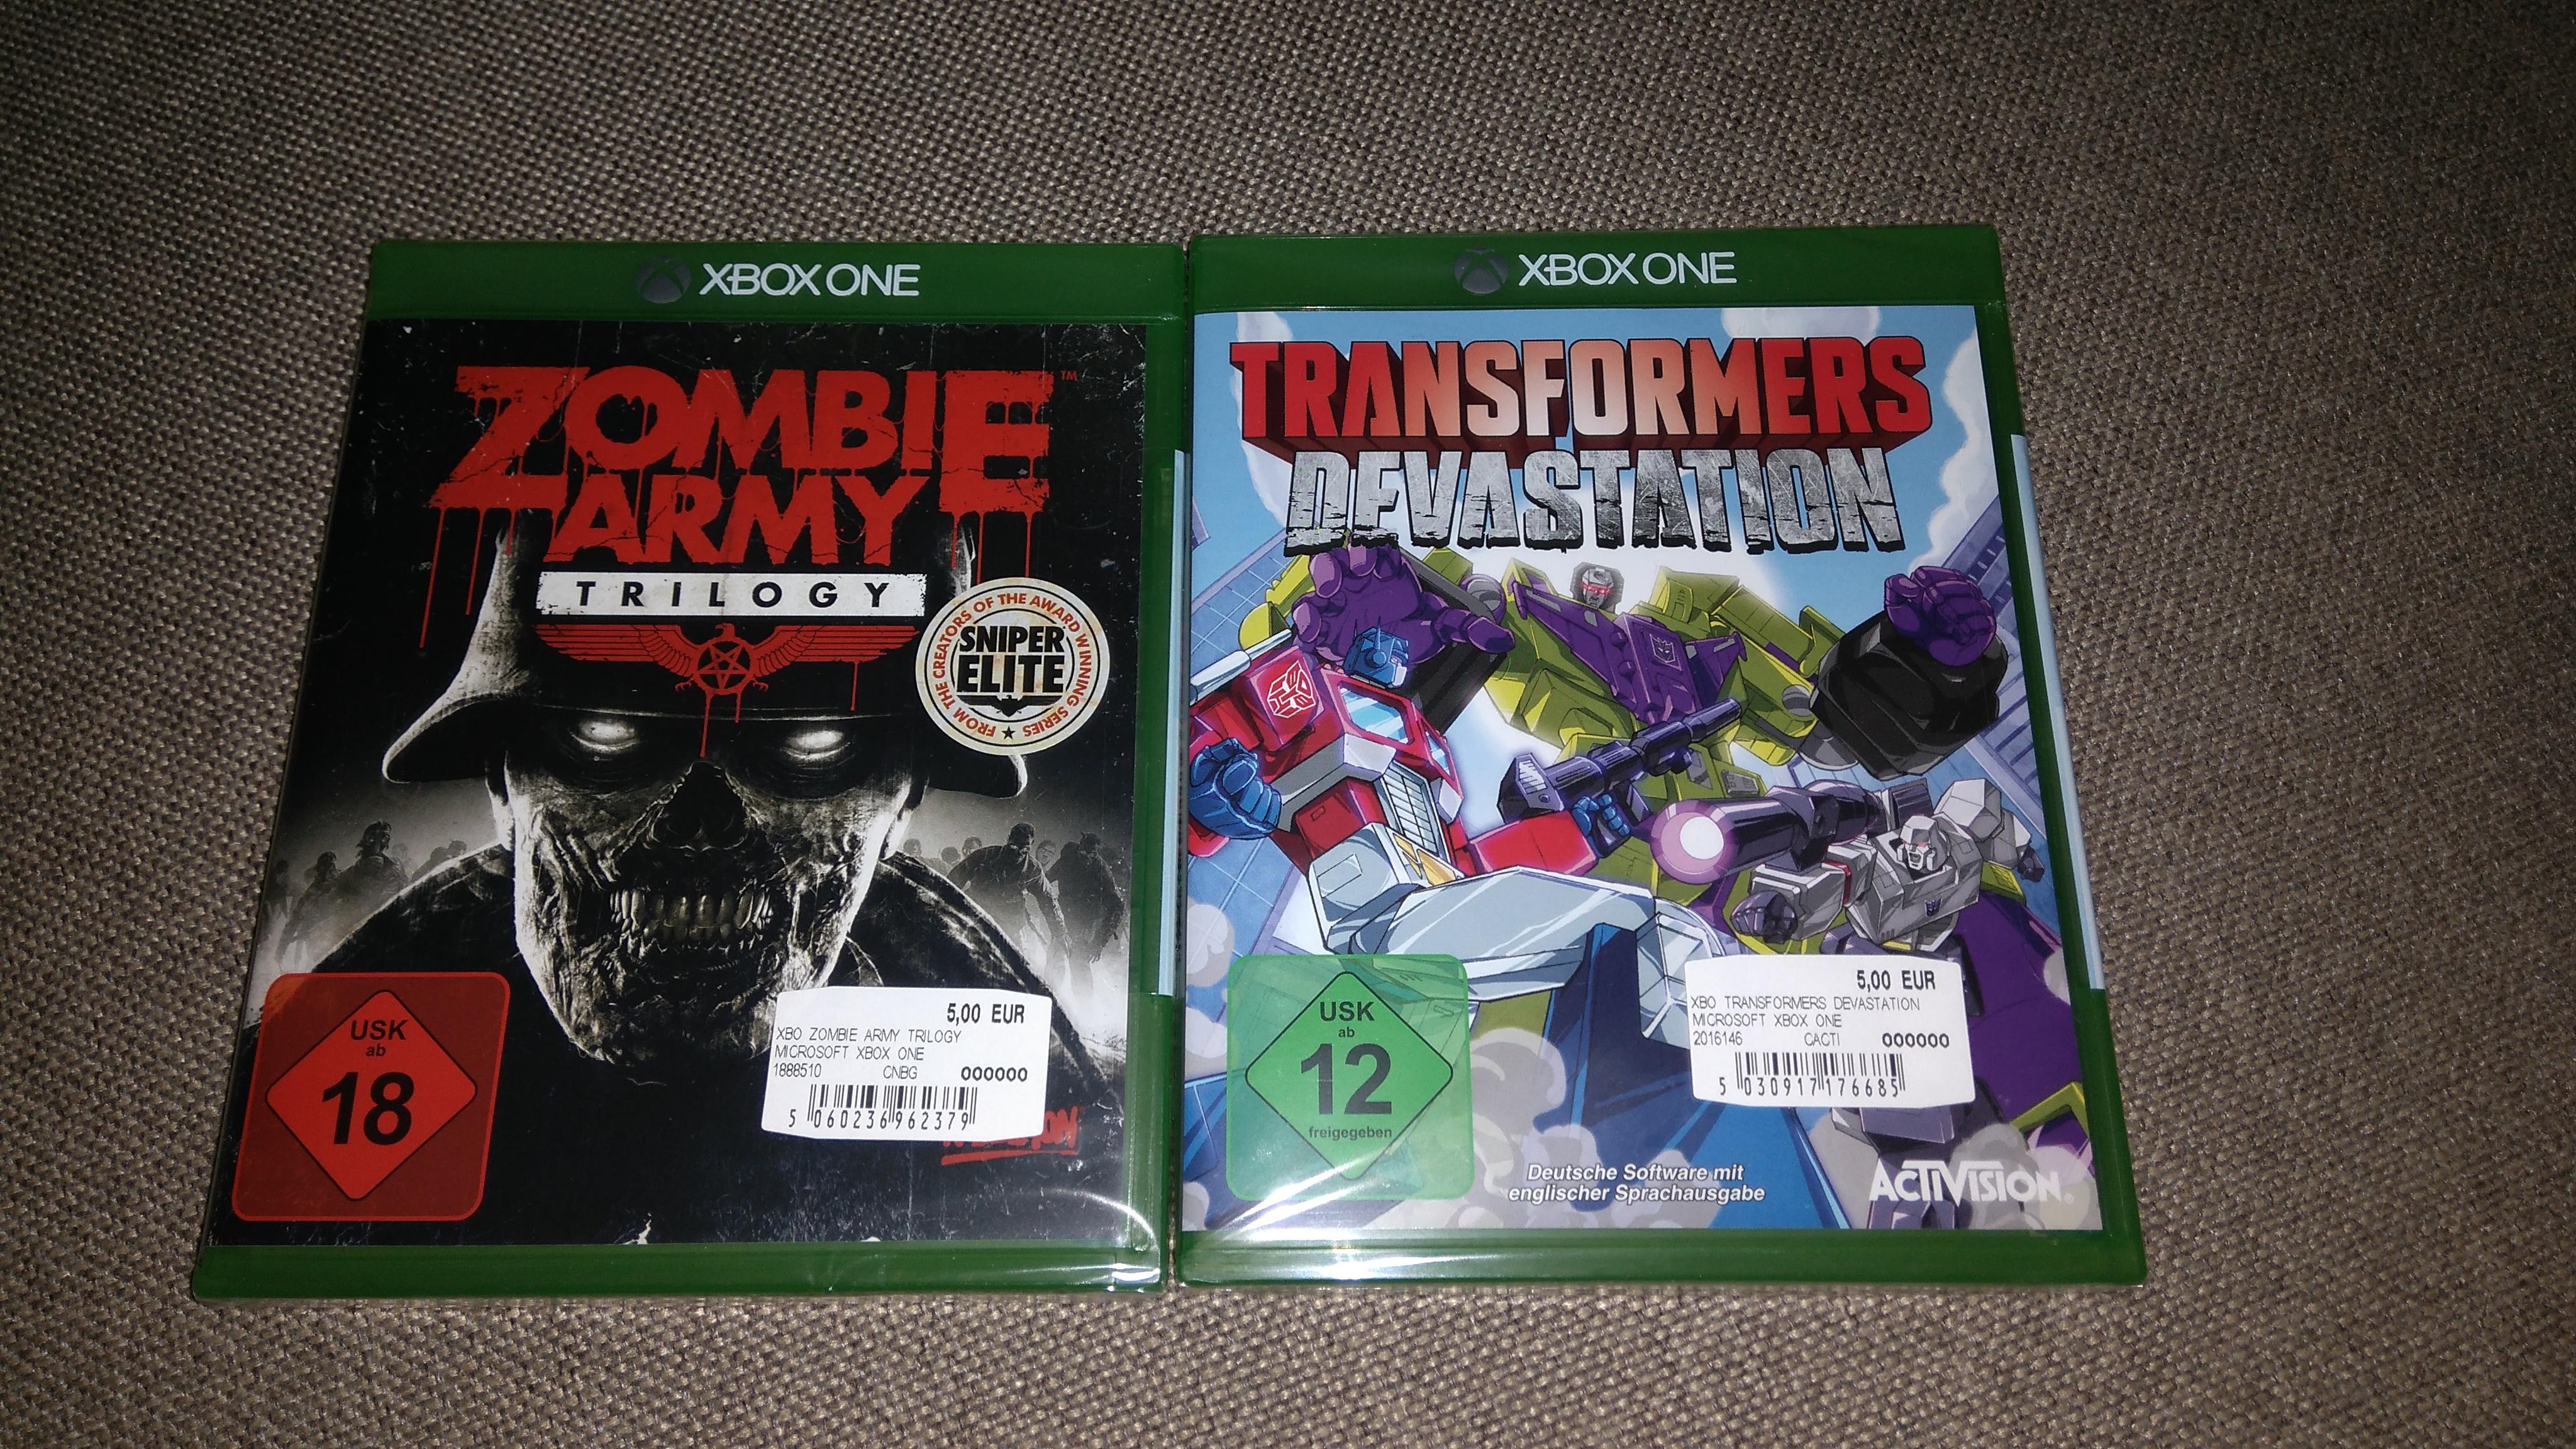 Mediamarkt HH-Harburg Xbox One Spiele